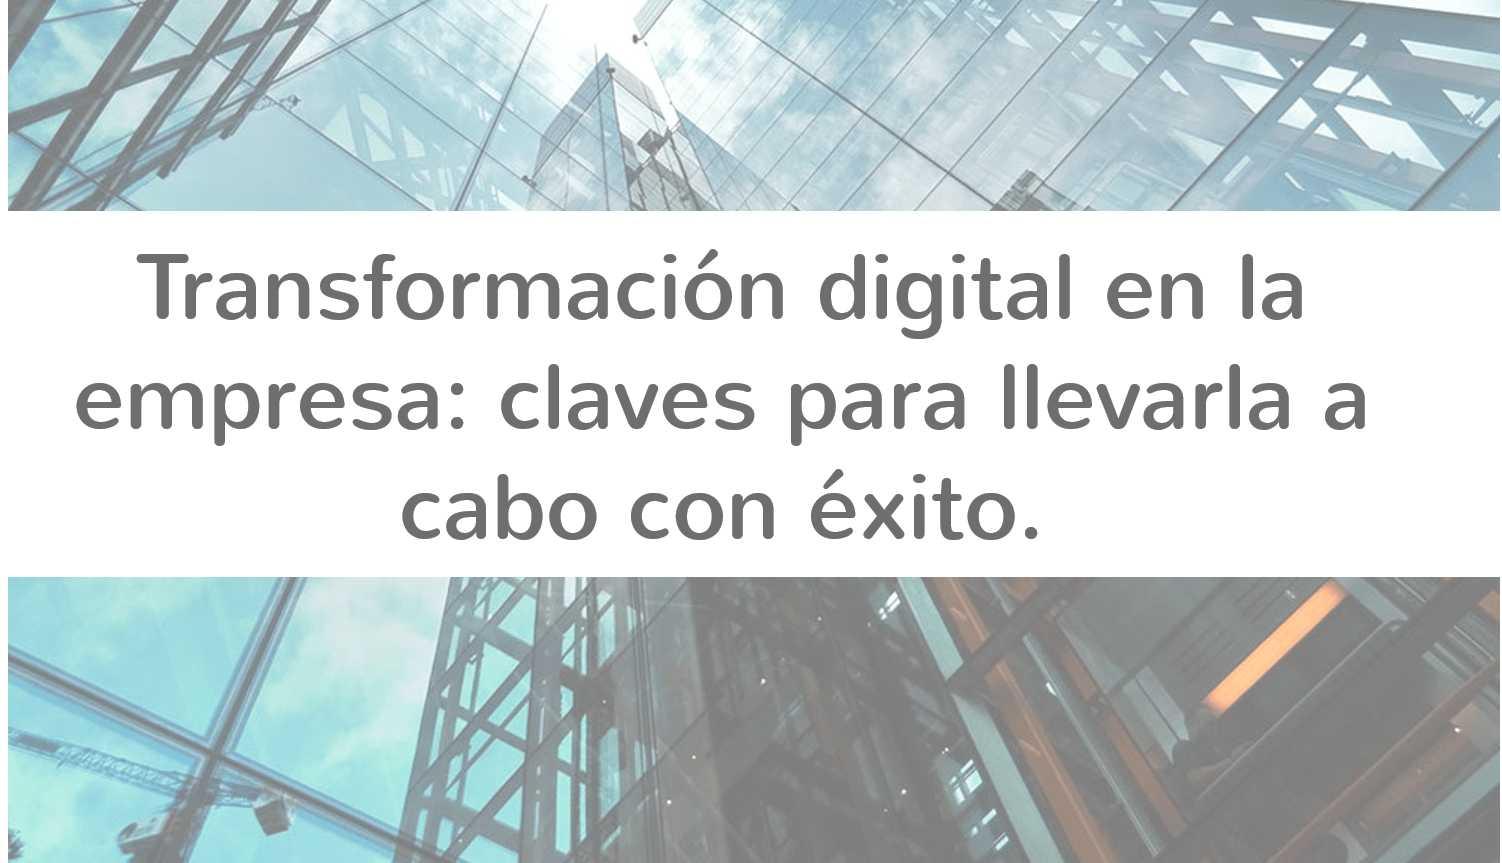 Transformación digital en la empresa: claves para llevarla a cabo con éxito